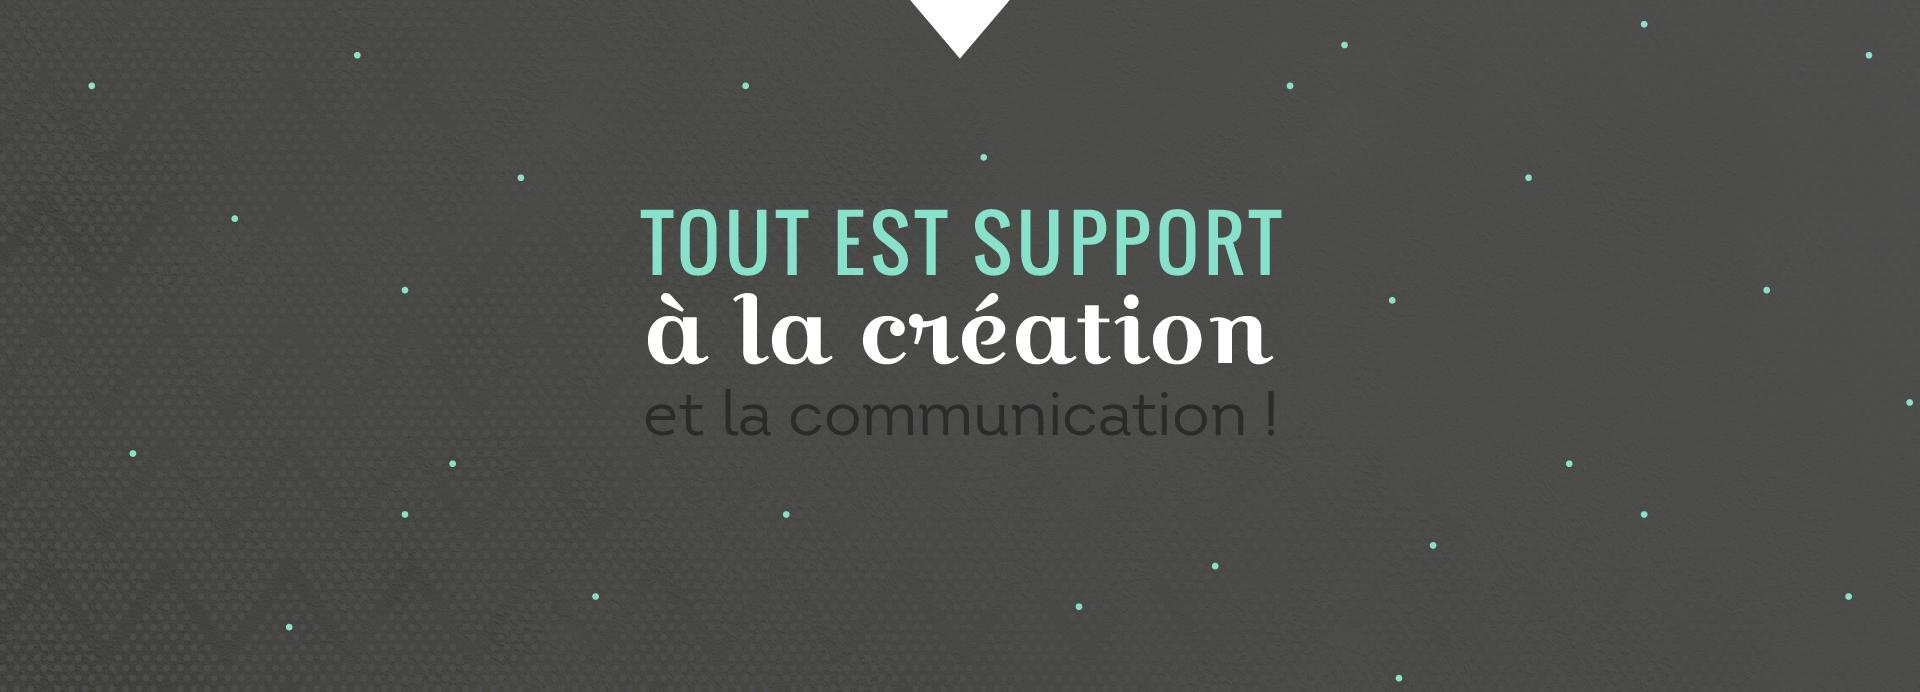 support de création dggd